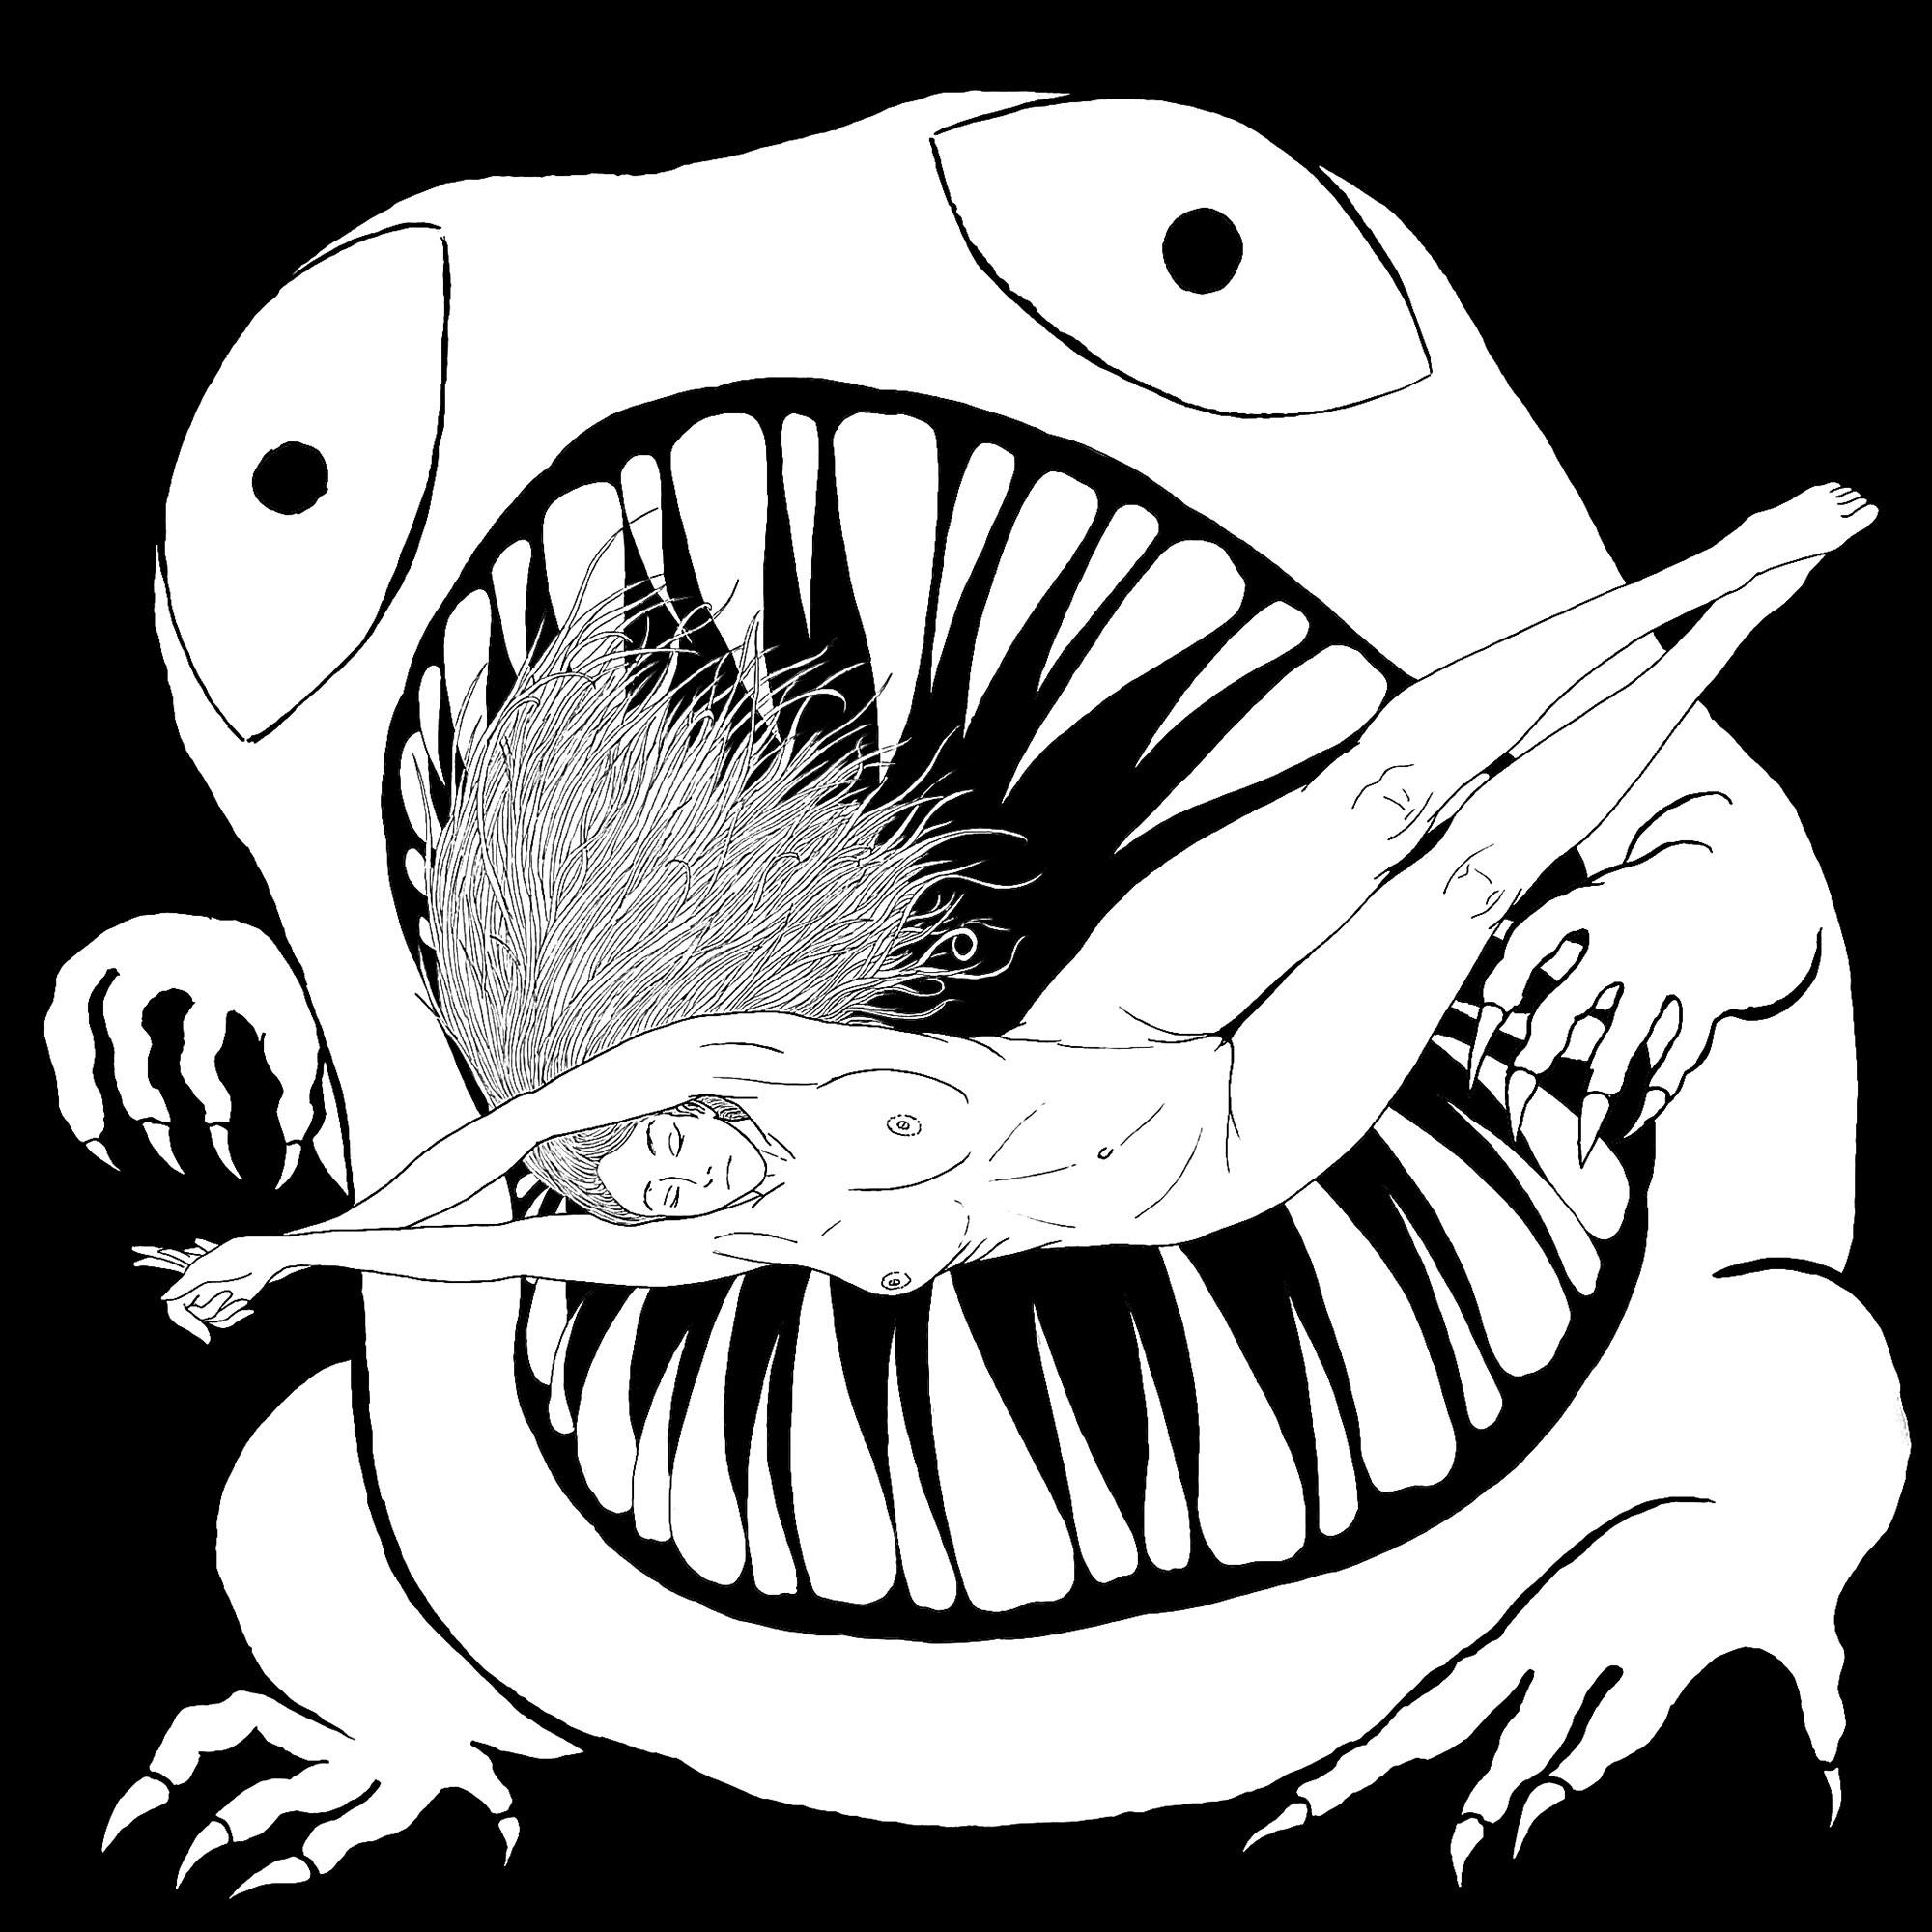 L'origine du Monstre. Plus de créations artistiques de Nasino sur Instagram